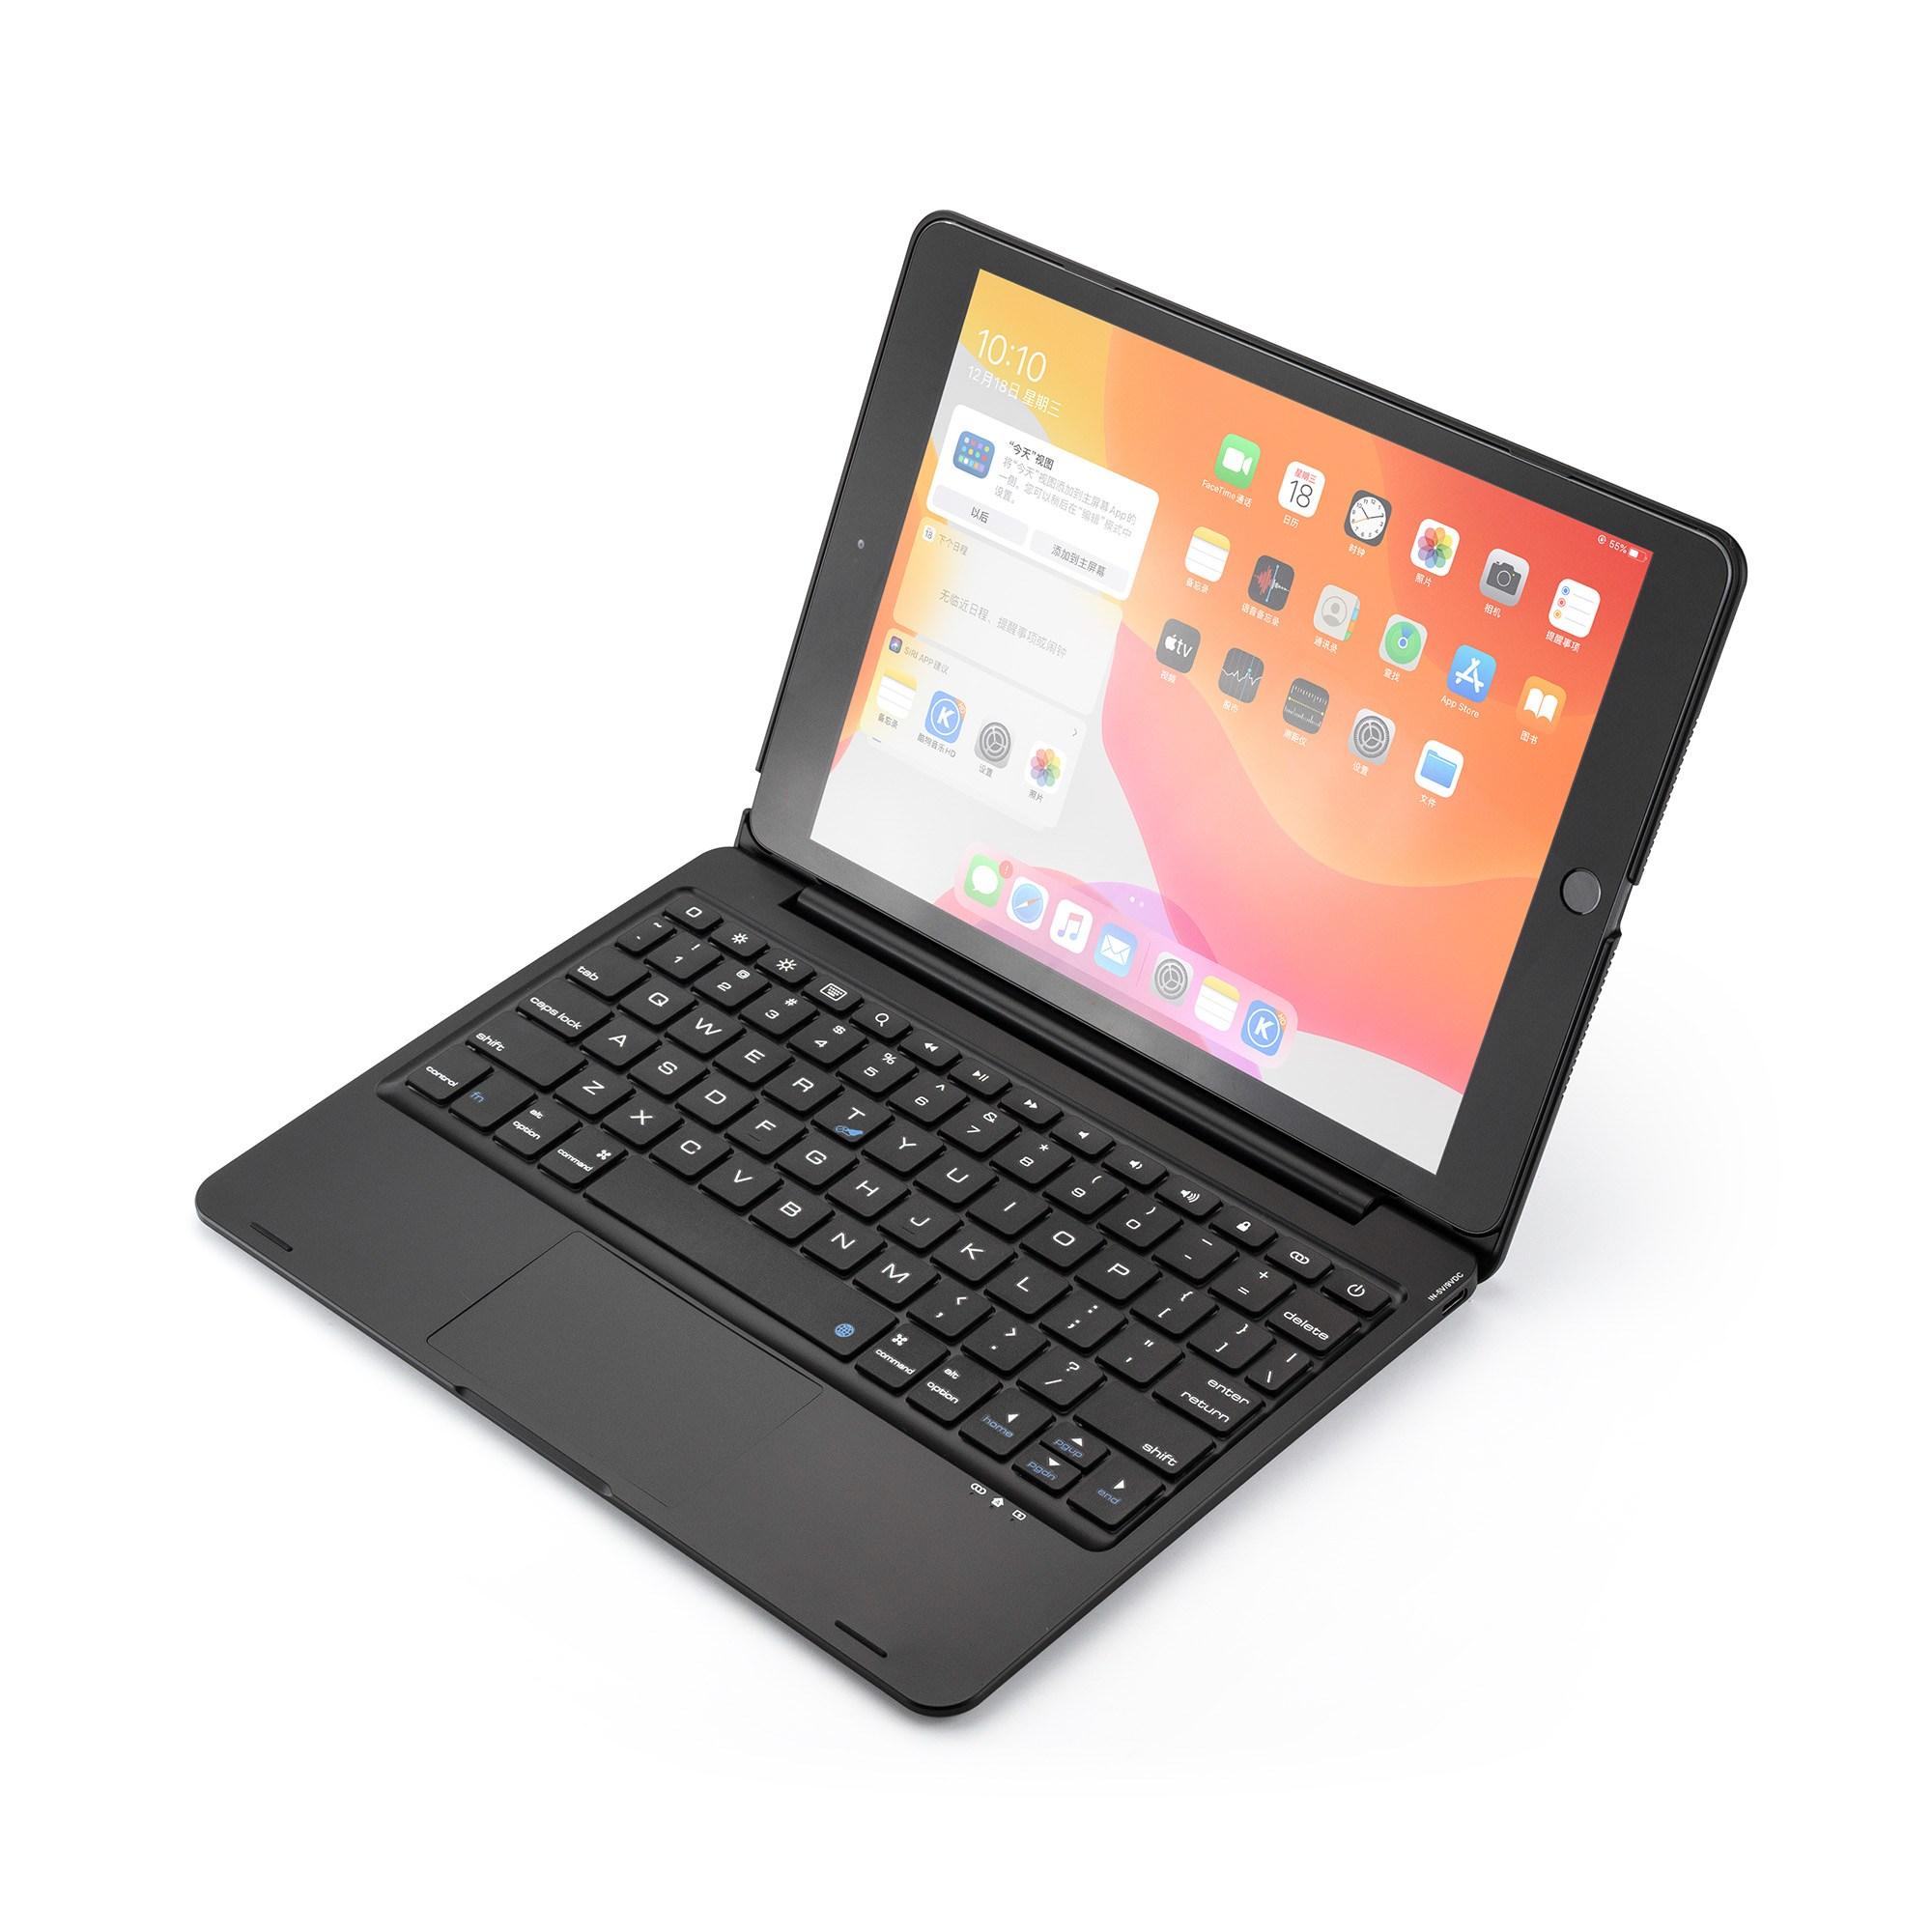 넥스텍 아이패드 키보드 트랙패드 케이스 - 한글각인 완료 KC 인증 완료 정식 수입품 - 아이패드 프로 11인치 8세대 7세대 에어3 프로 10.5, F102TS - 7,8세대/에어3세대/프로 10.5